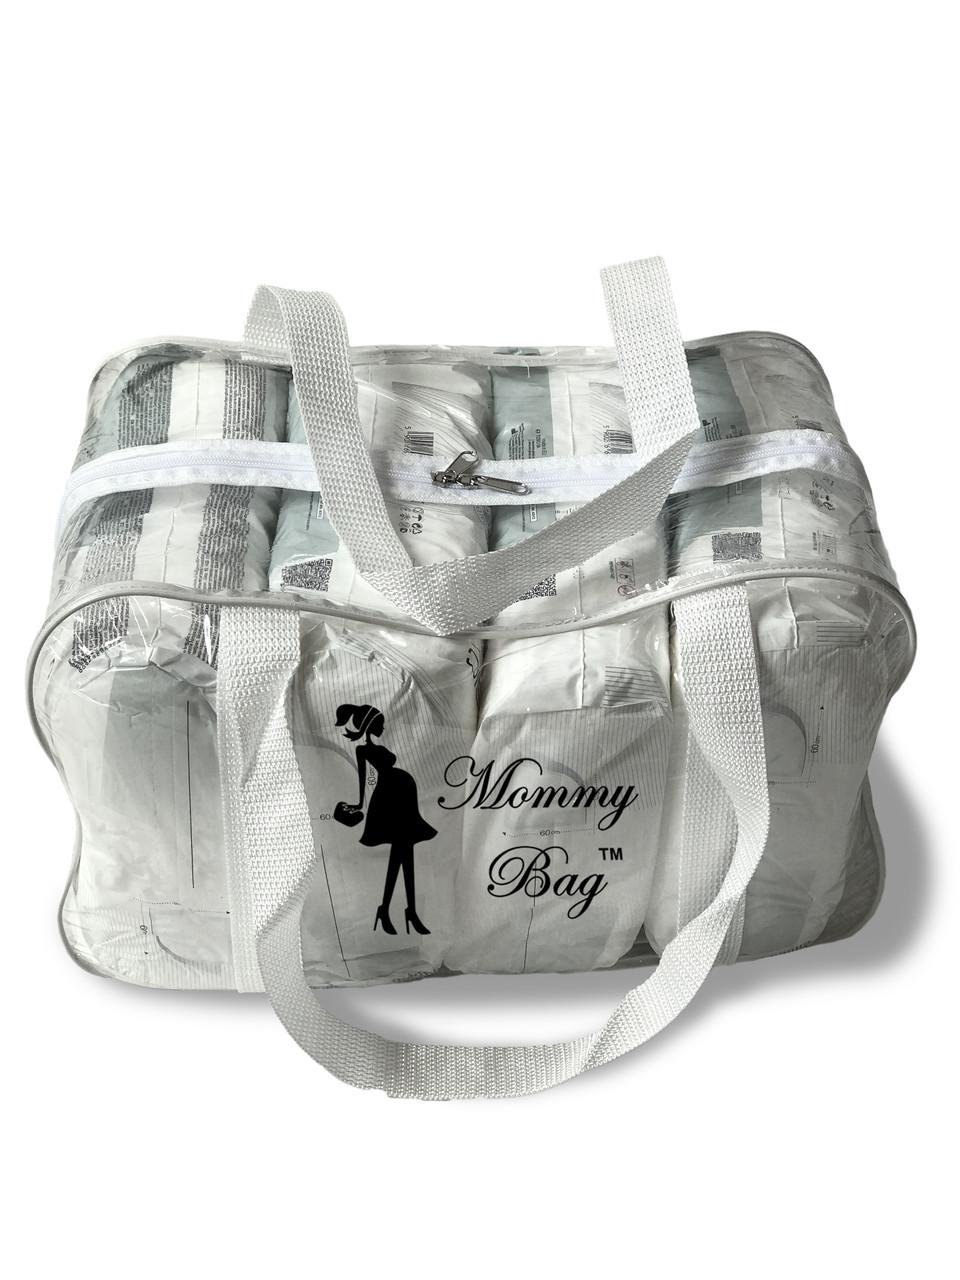 Сумка прозрачная в роддом Mommy Bag - M - 40*25*20 см Белая